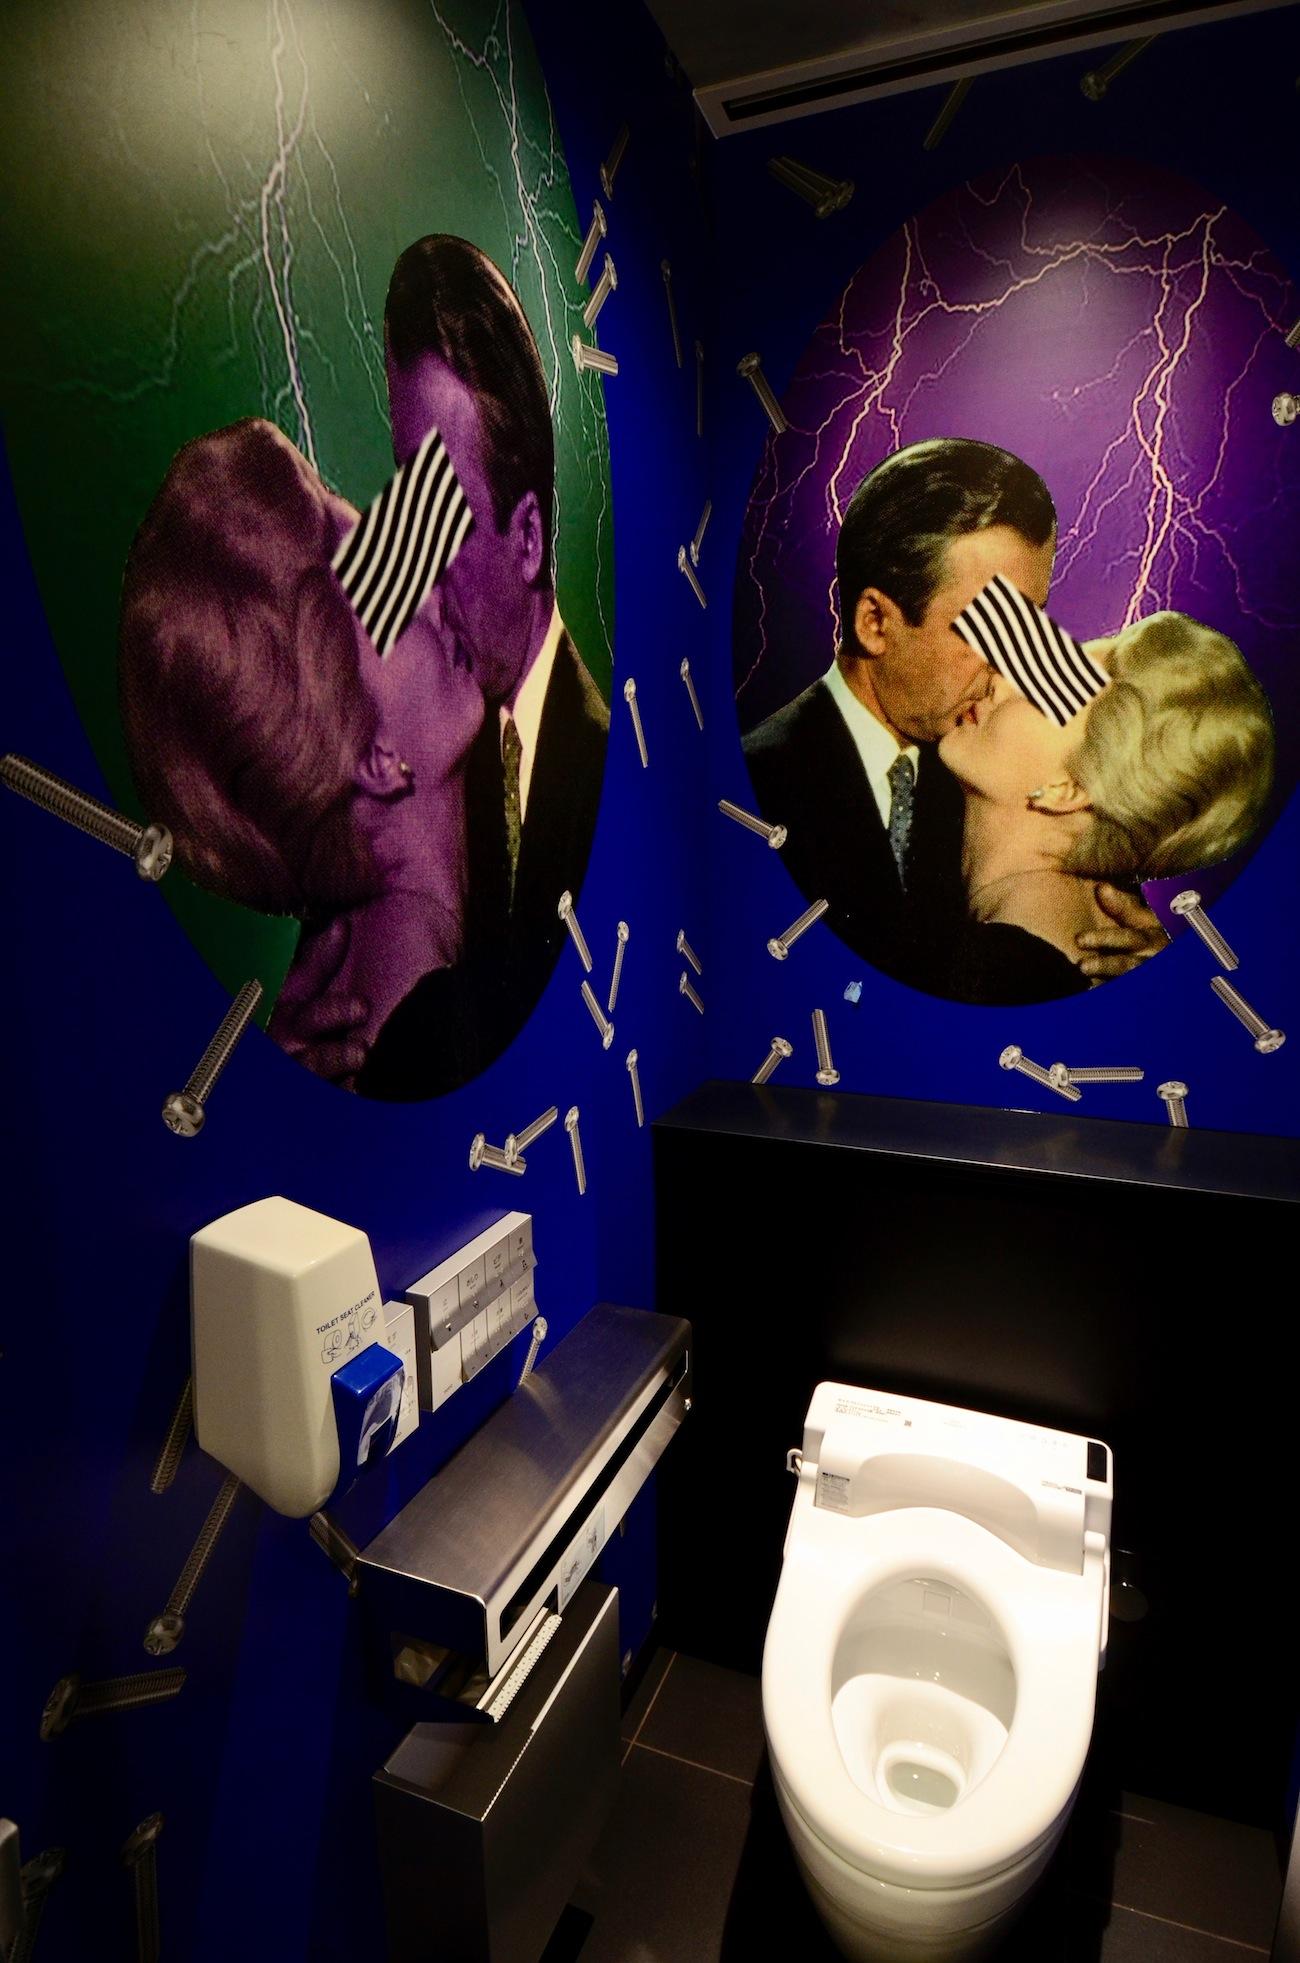 ラフォーレ原宿3階のトイレが「原宿の奇妙な異空間」をコンセプトにしたガーリーで独創的なデザインで展開(2019年3月23日)